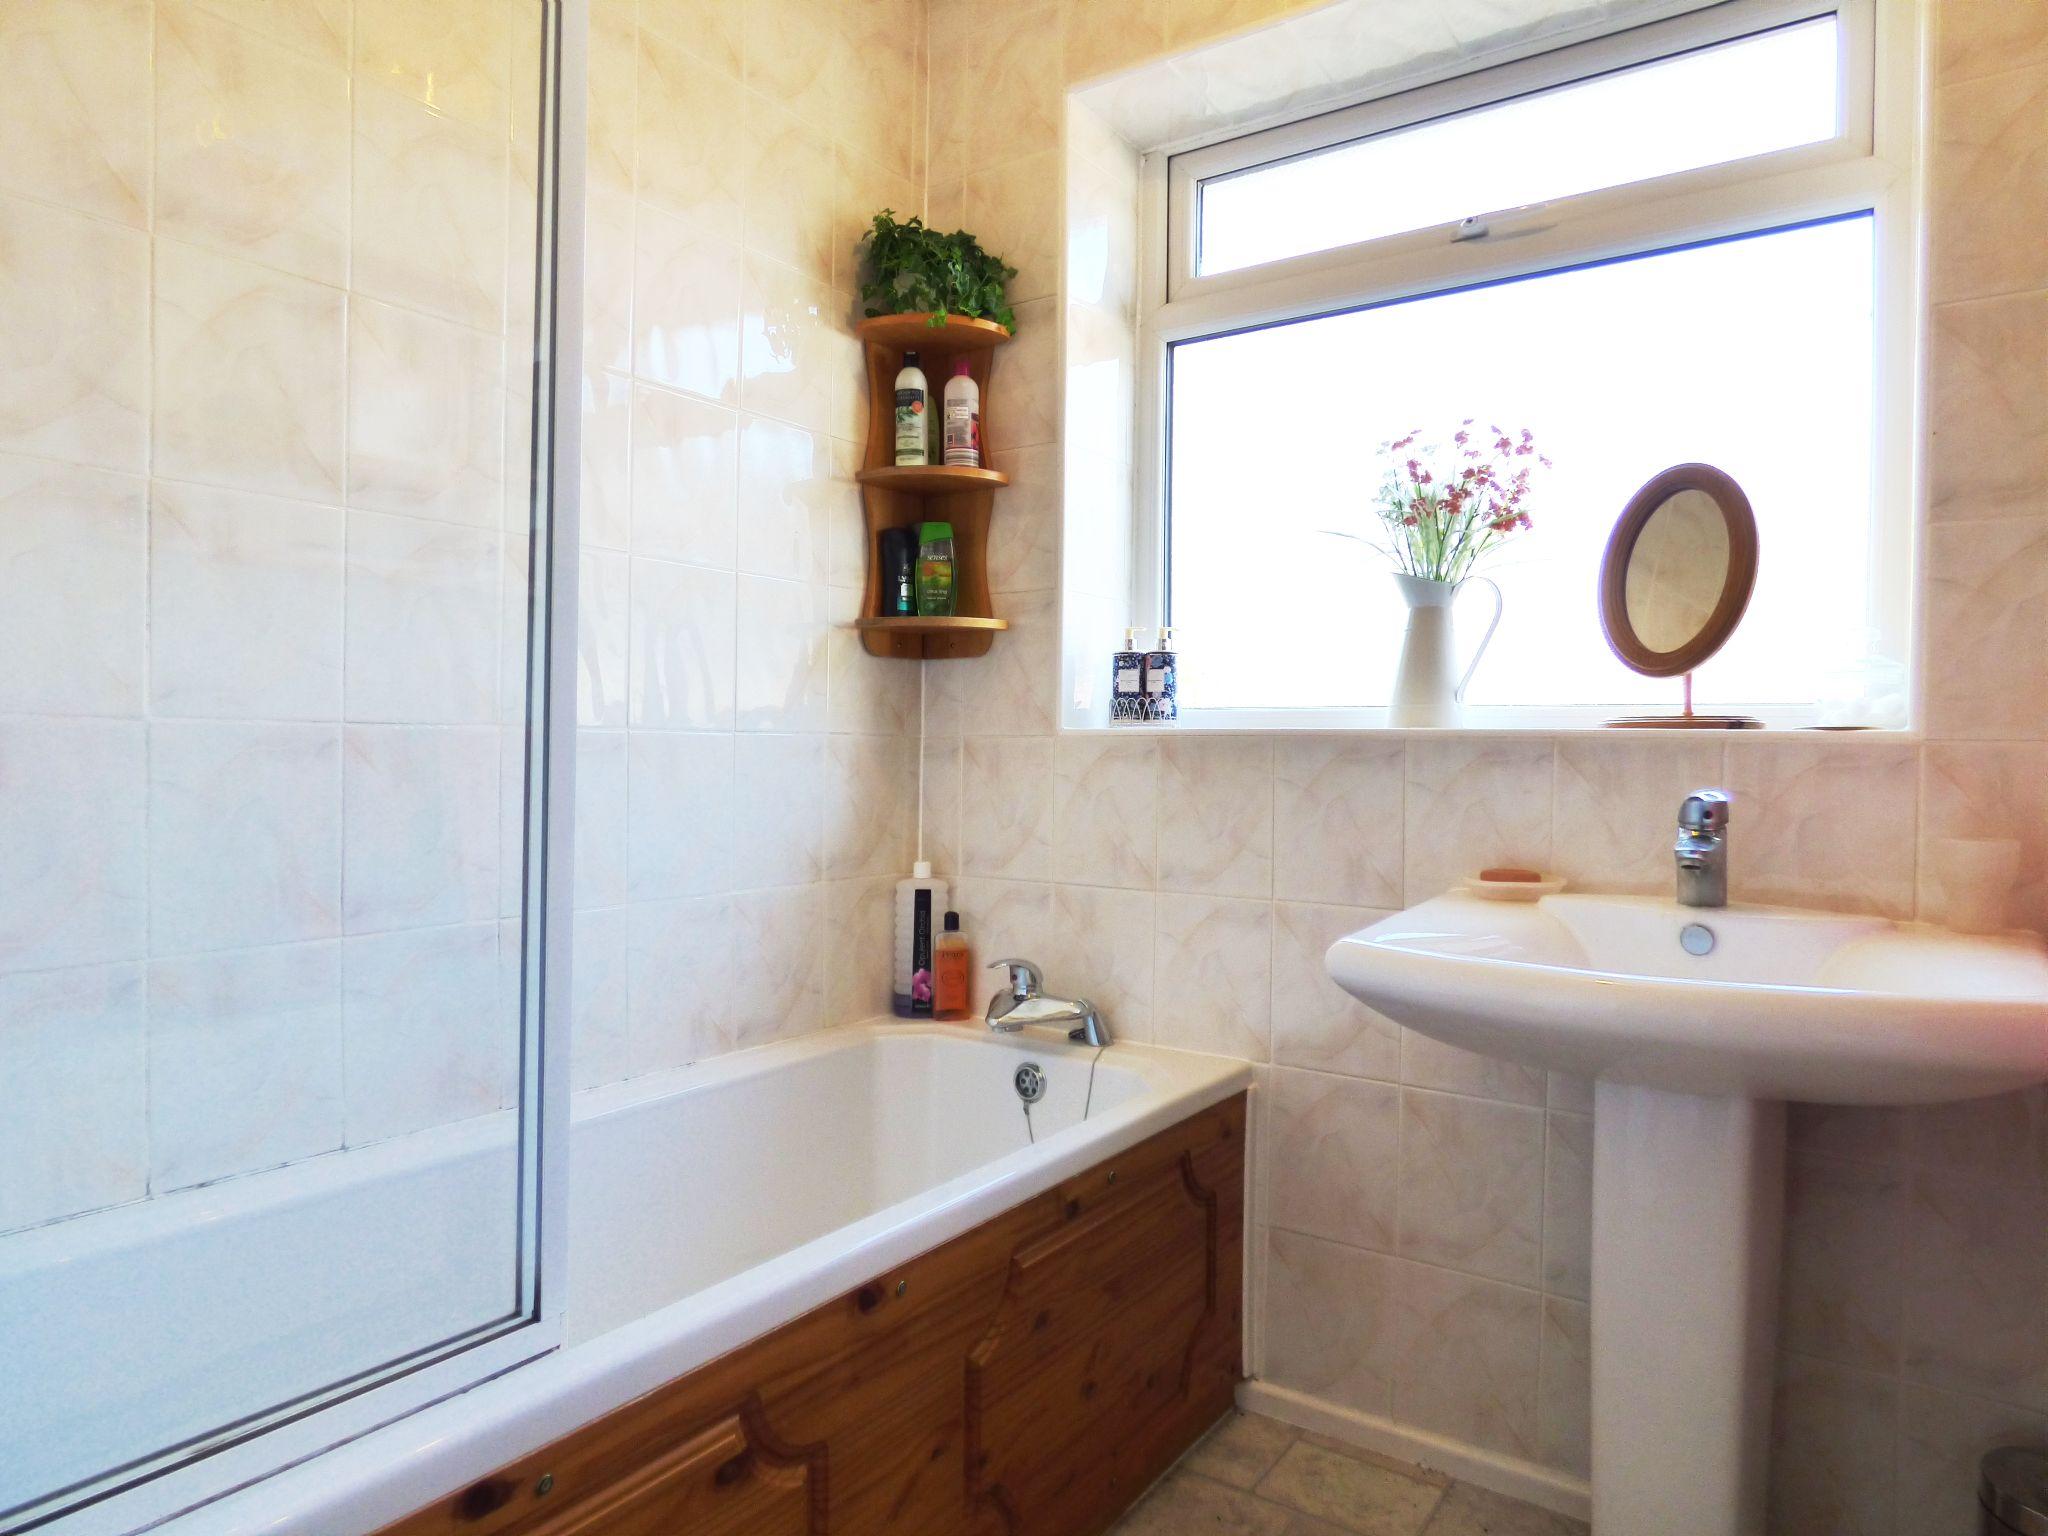 4 Bedroom Detached Bungalow For Sale - Bathroom